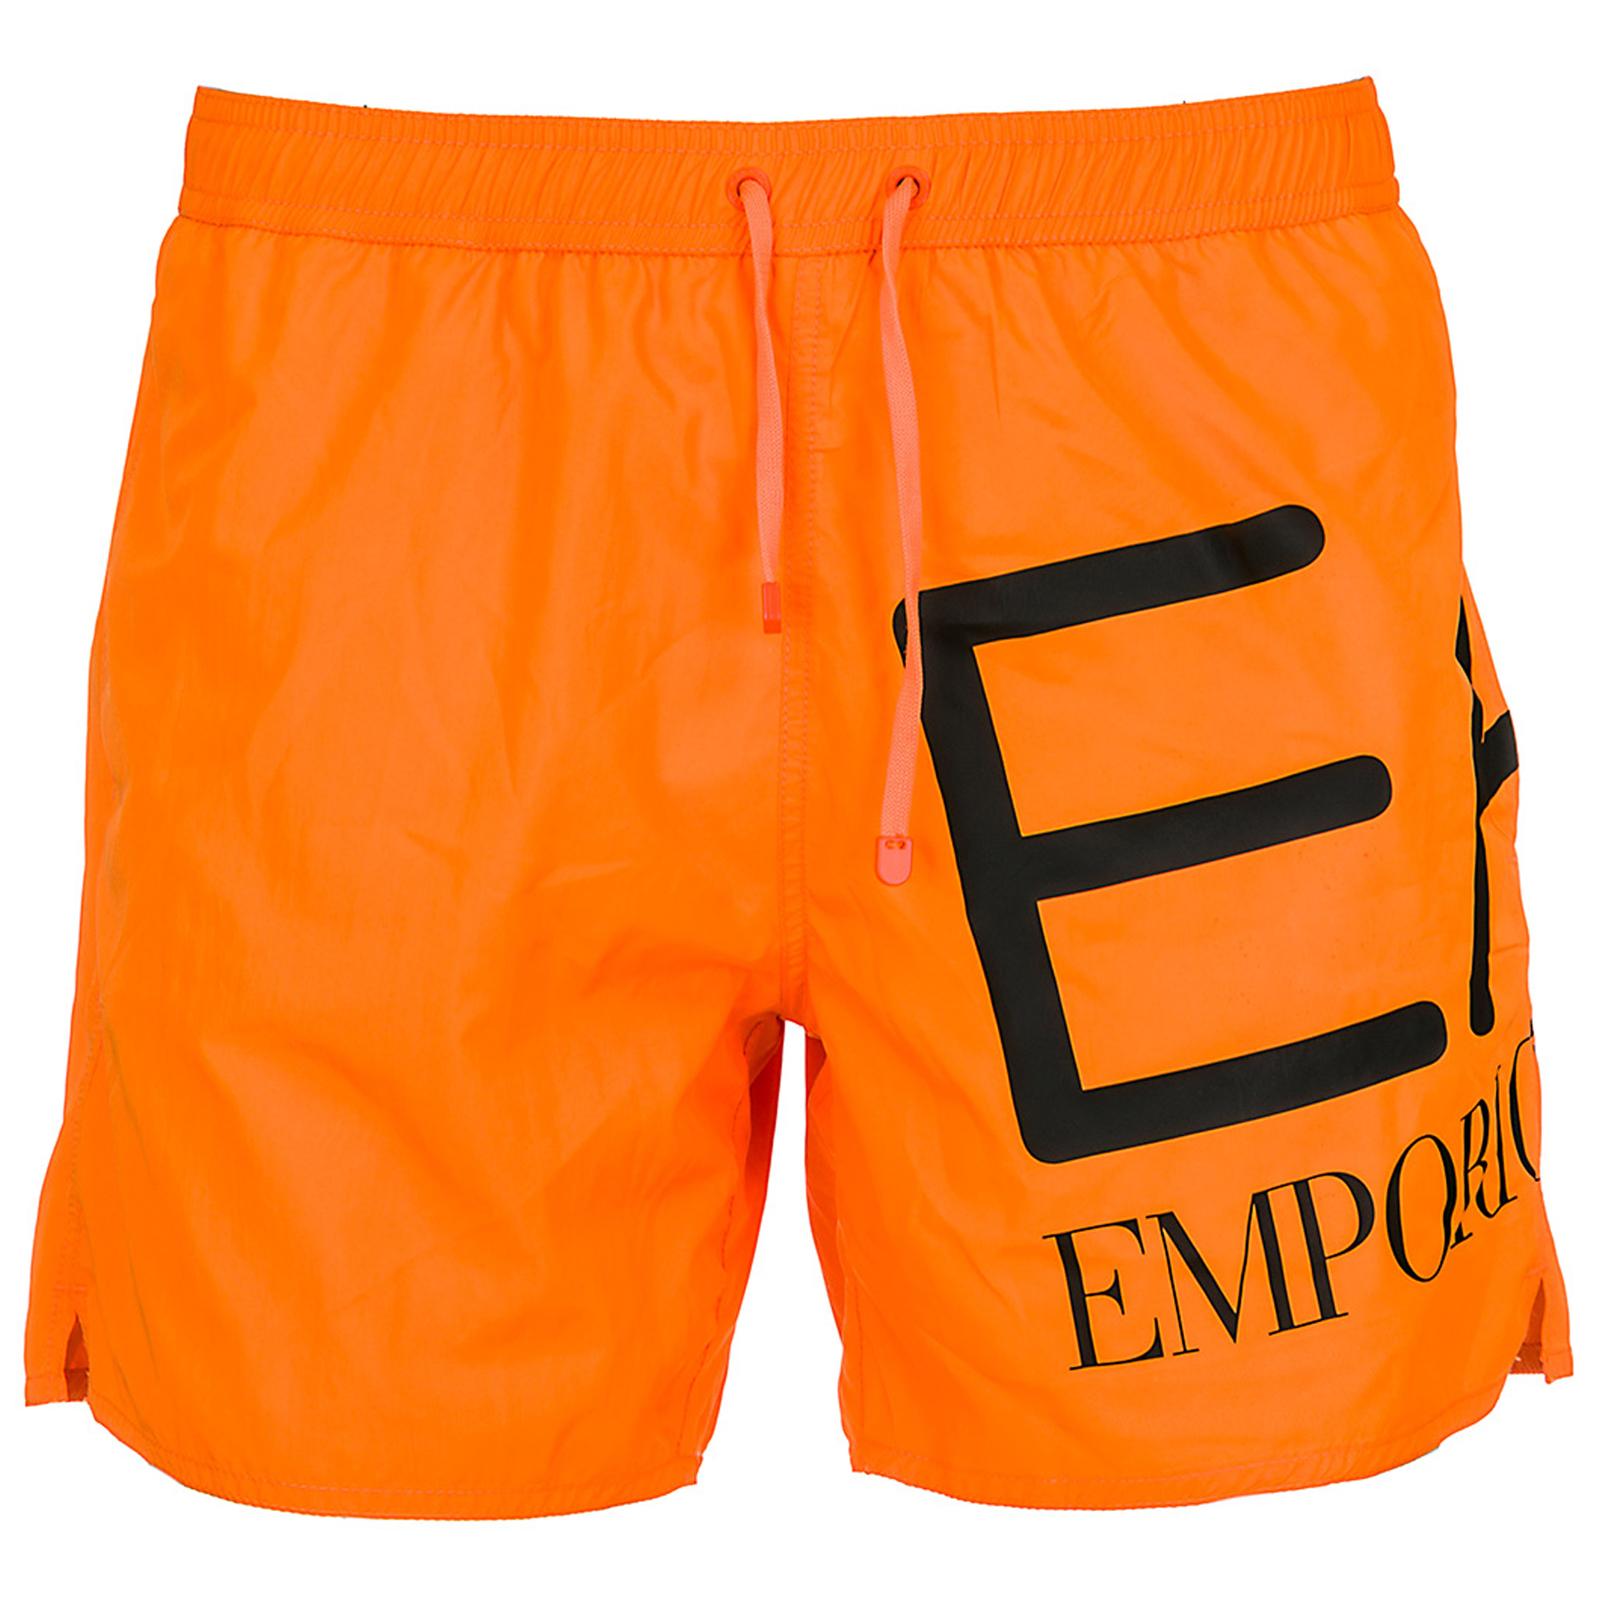 Boxer mare emporio armani ea7 9020008p73900662 orange fluo - Costume da bagno uomo armani ...